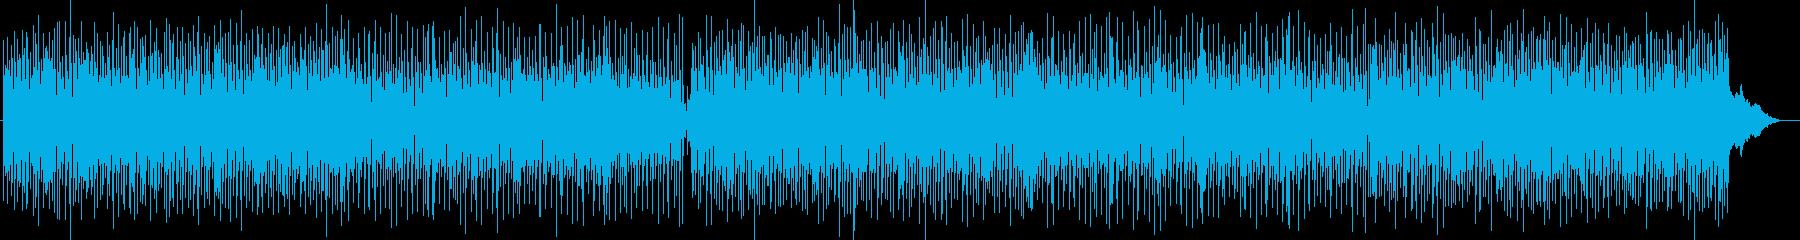 明るいポップな弾みのあるシンセサイザー曲の再生済みの波形